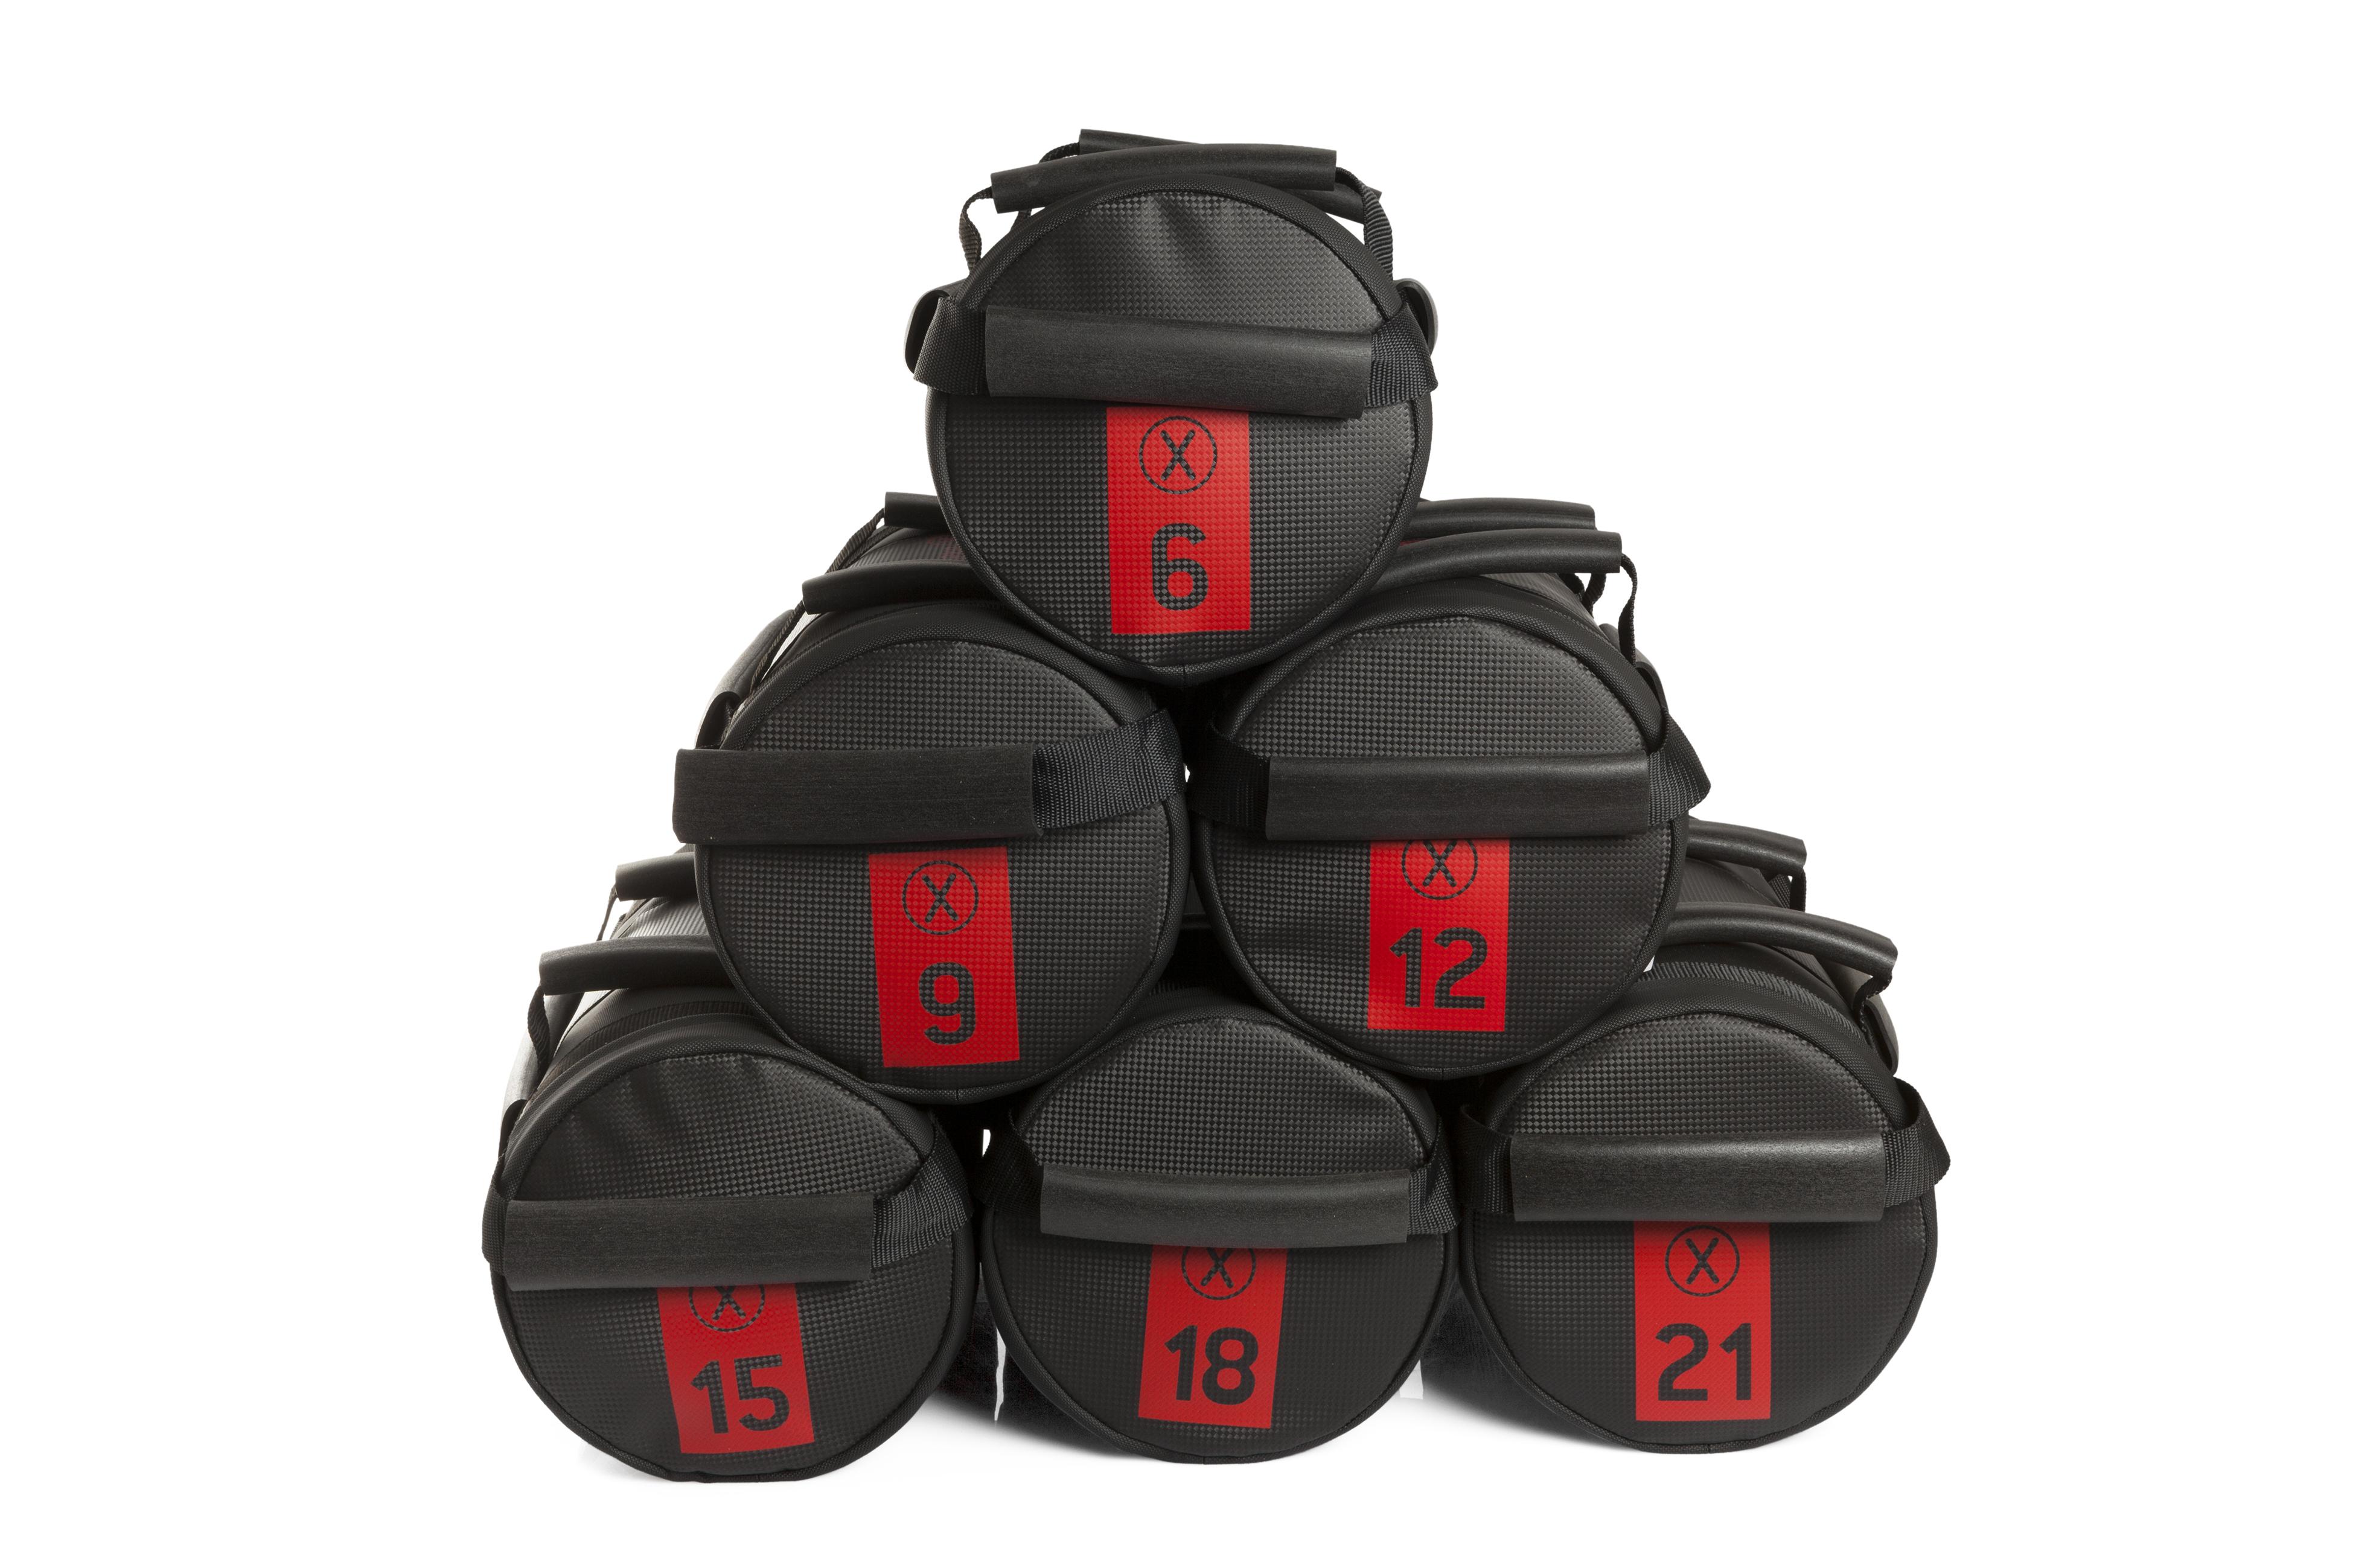 Kwell Executive Bag